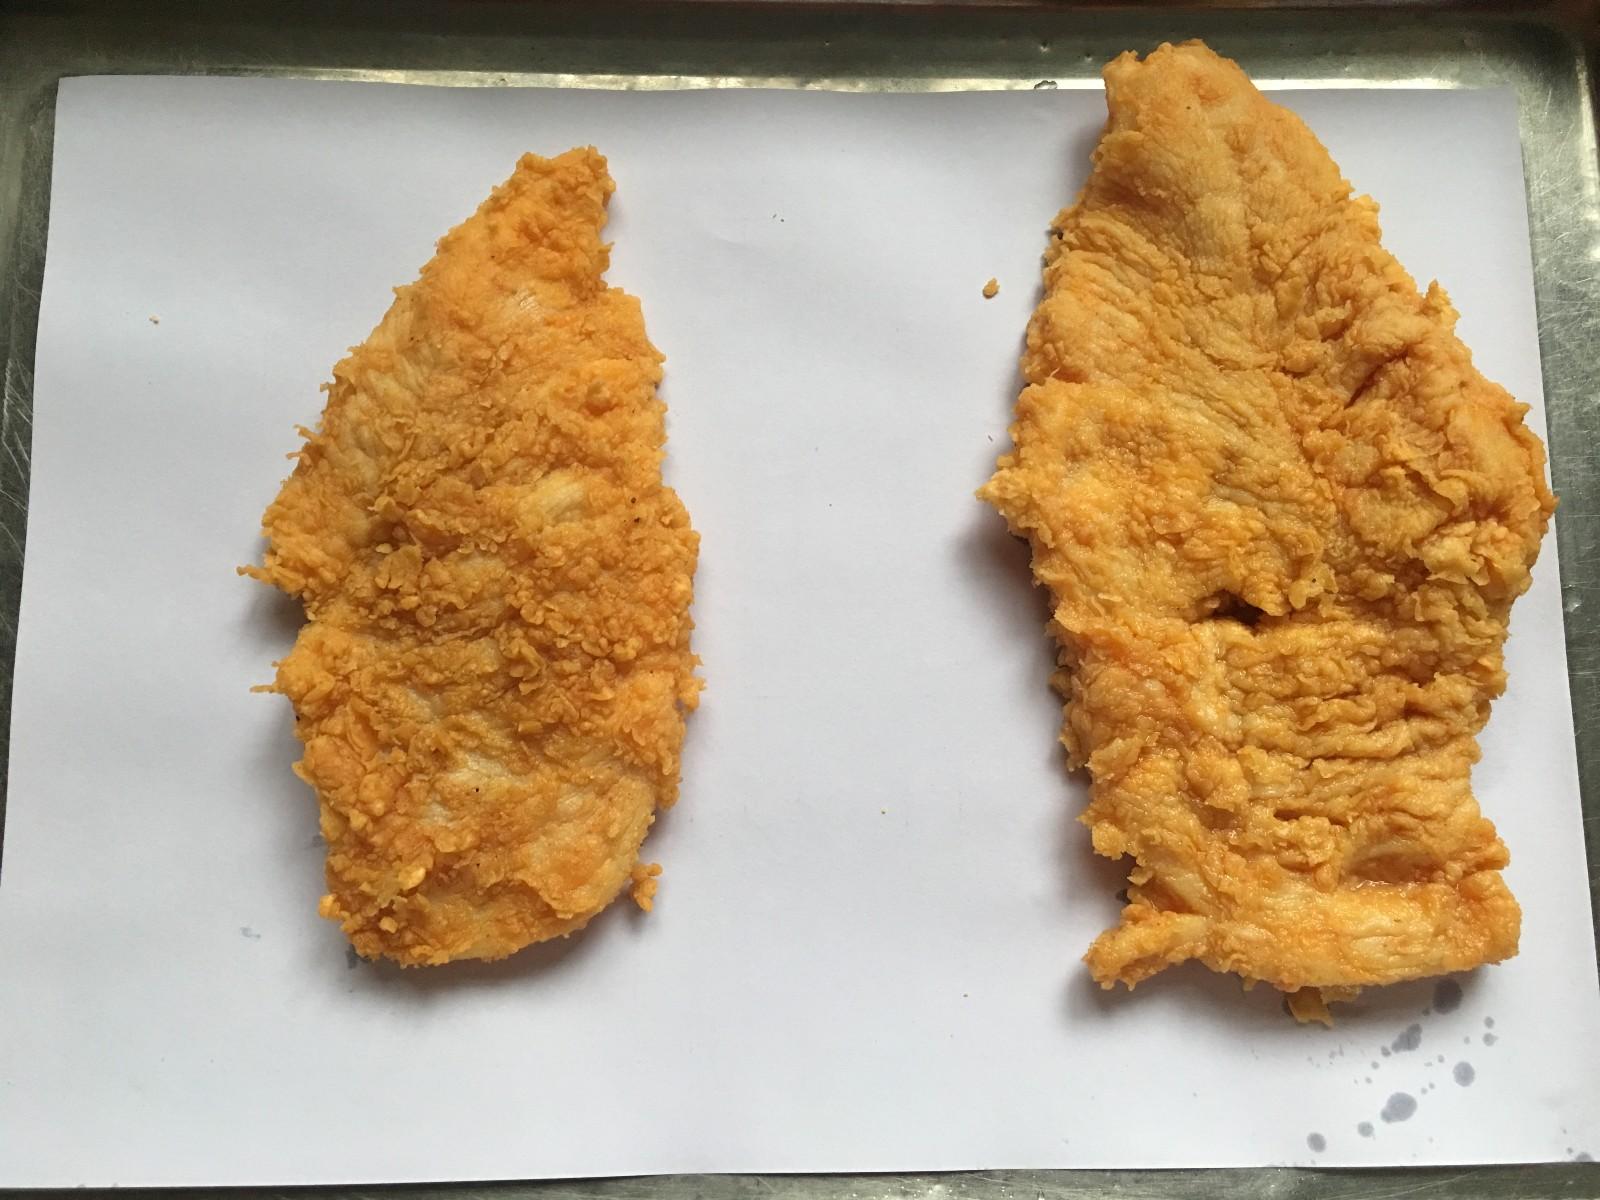 鸡排.JPG